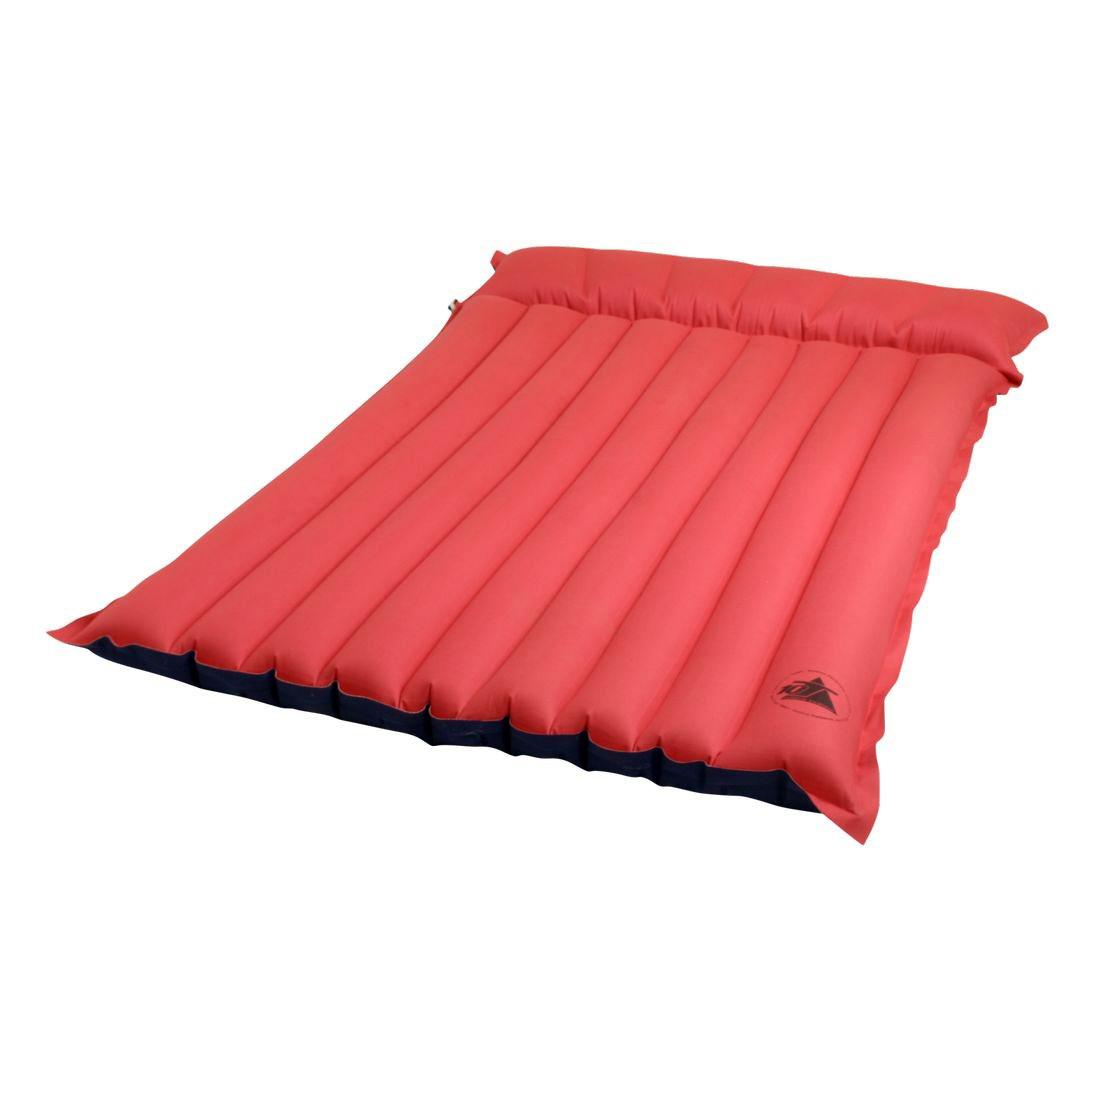 achetez 10t ruby tube double matelas gonflable double en coton avec une partie oreiller en. Black Bedroom Furniture Sets. Home Design Ideas